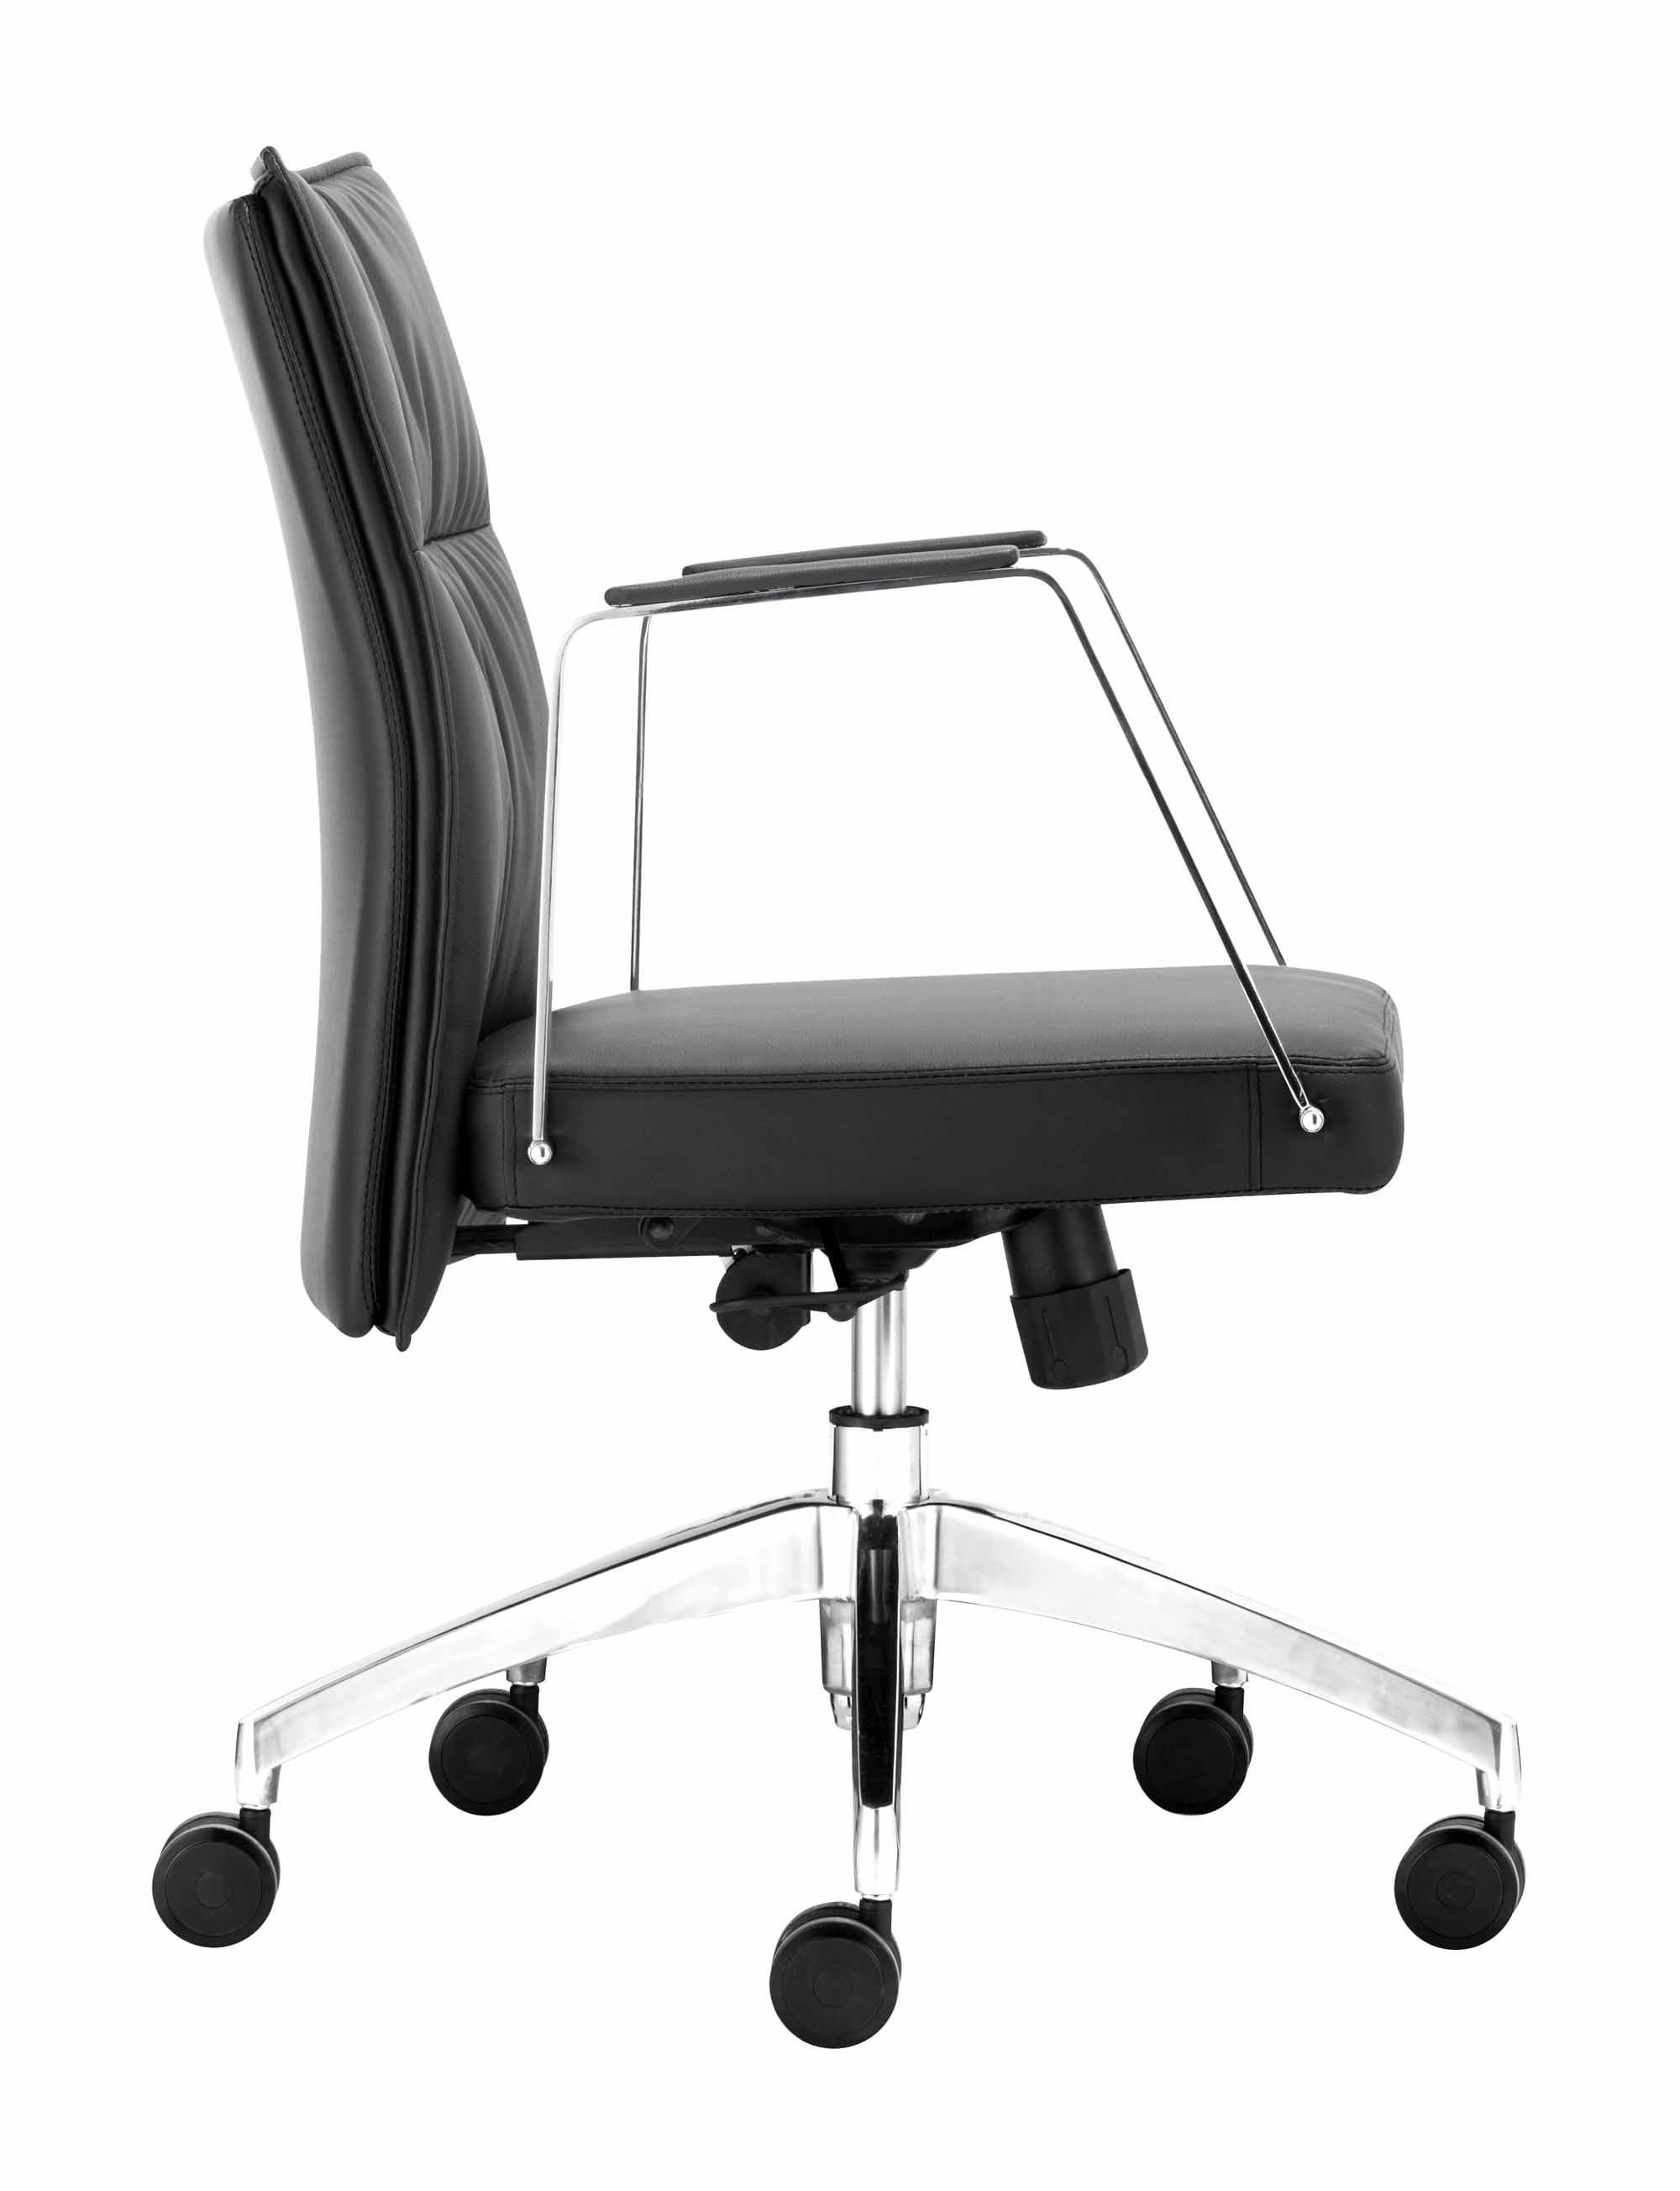 Dean Low Back fice Chair Black by Zuo Modern